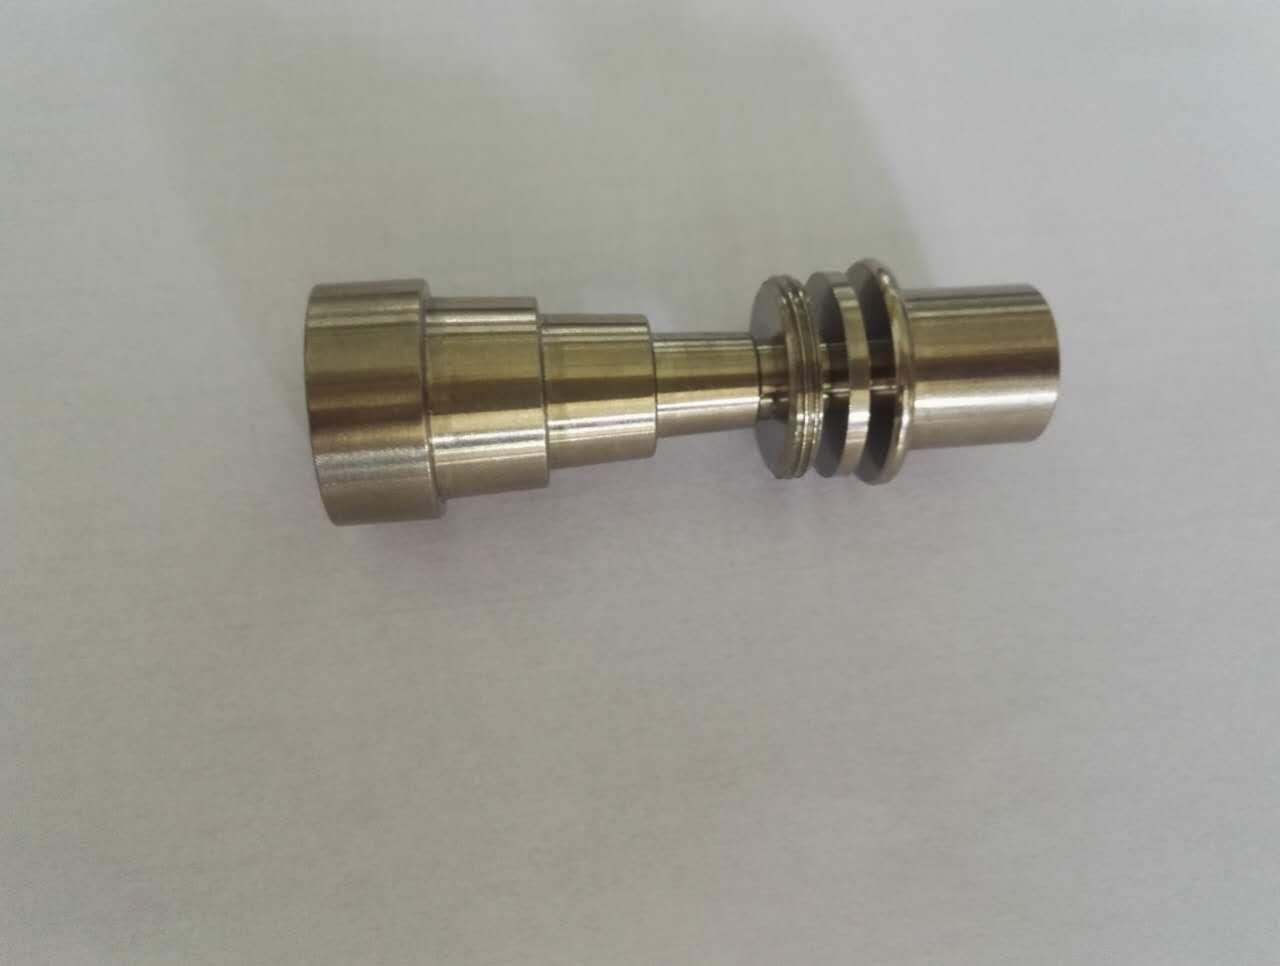 El clavo de titanio 16 mm sin hogar al por mayor de 16 mm se adapta a las articulaciones masculinas y femeninas y se adapta a todos los kits Majesty e / dnail